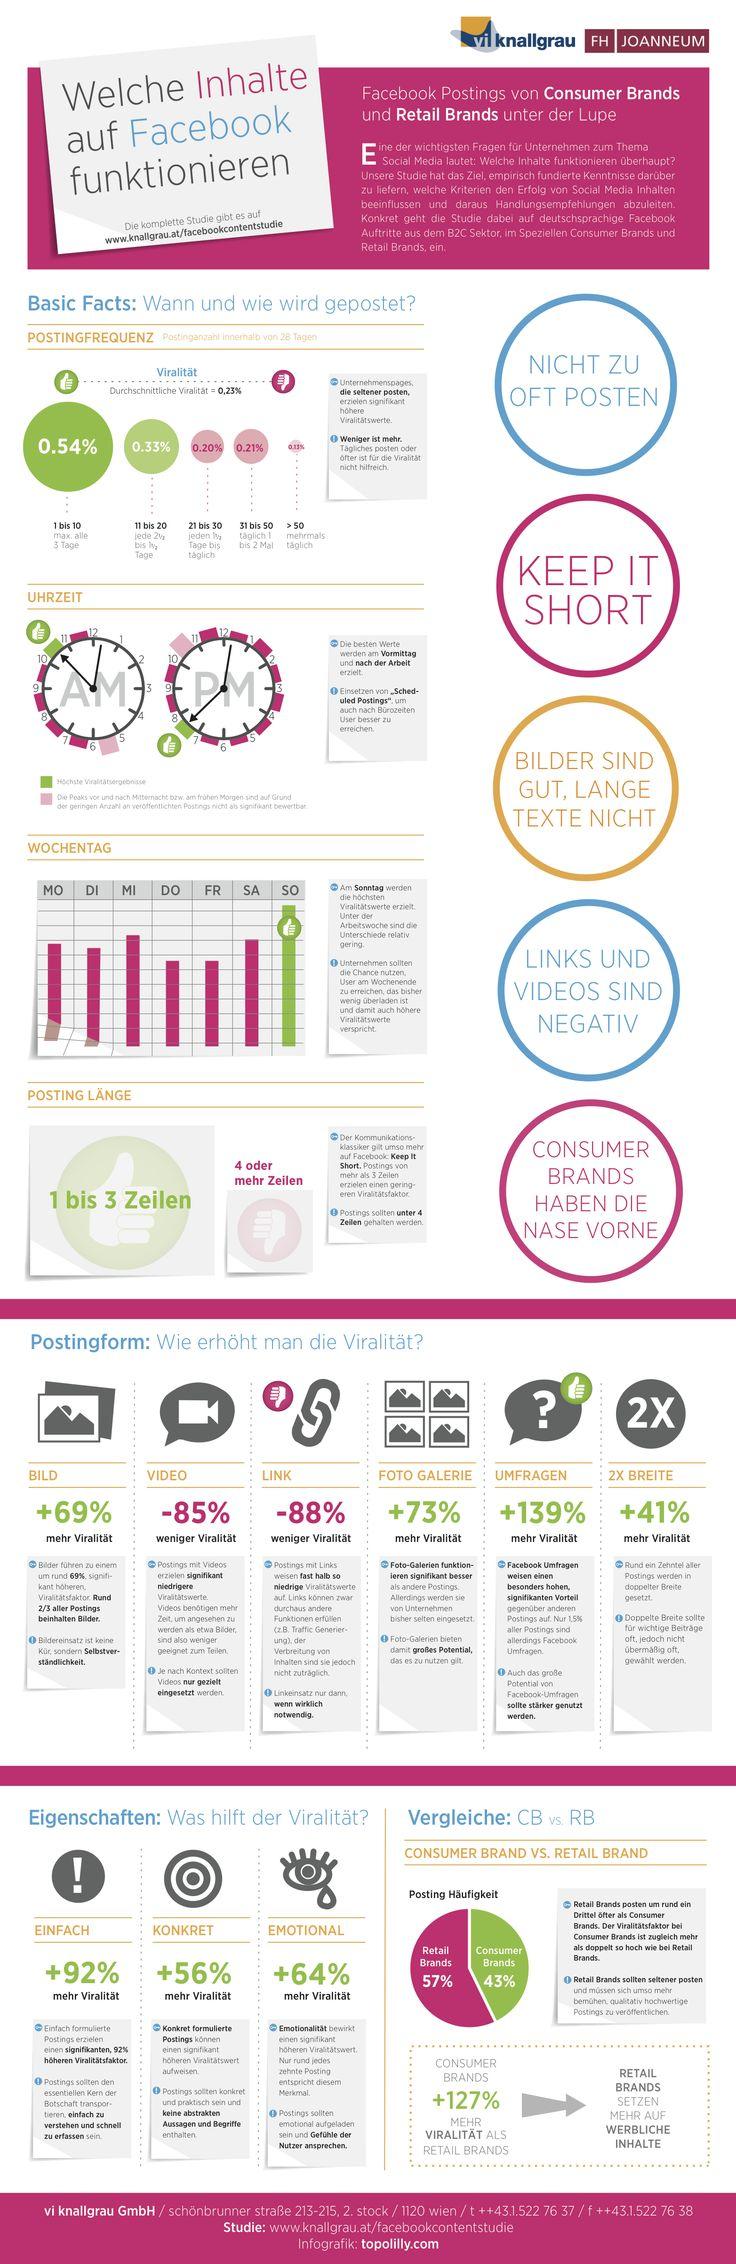 Welche Inhalte auf #Facebook funktionieren (Infographik), 08/2012 - Studie: http://knallgrau.at/facebookcontentstudie